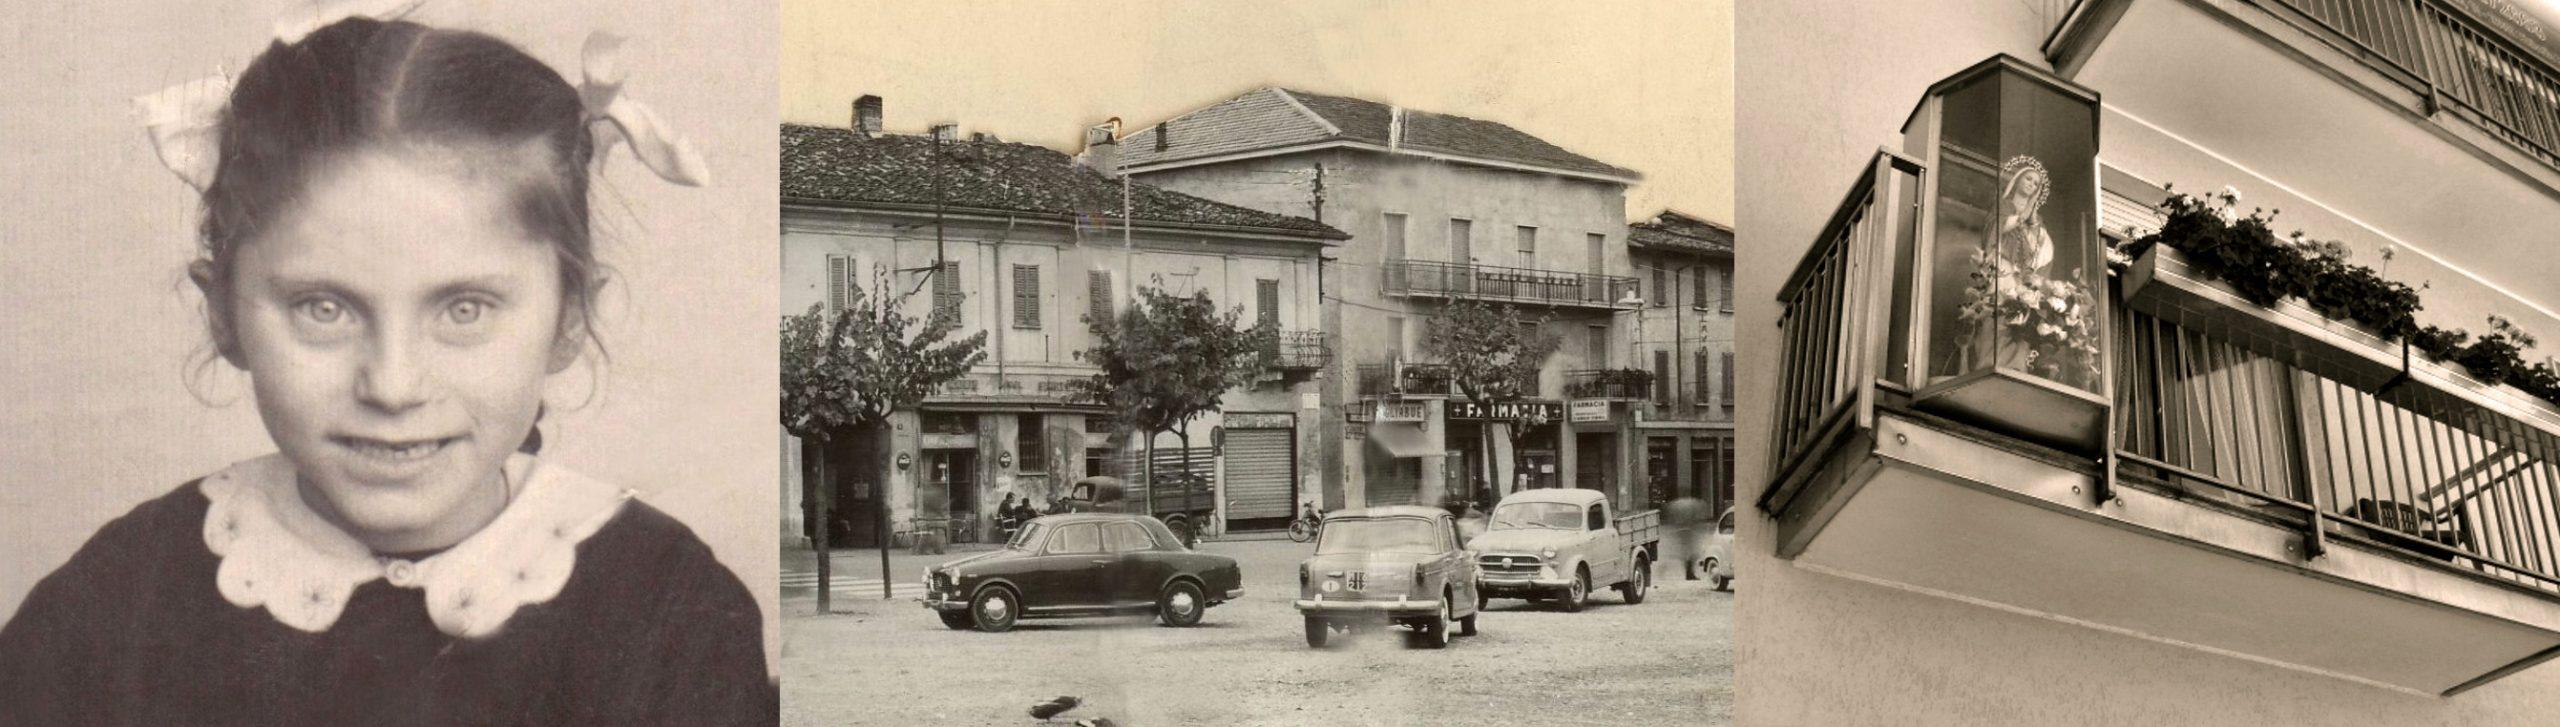 La storia locale dei cinisellesi. Gabriella Broggiato racconta l'incendio in una corte